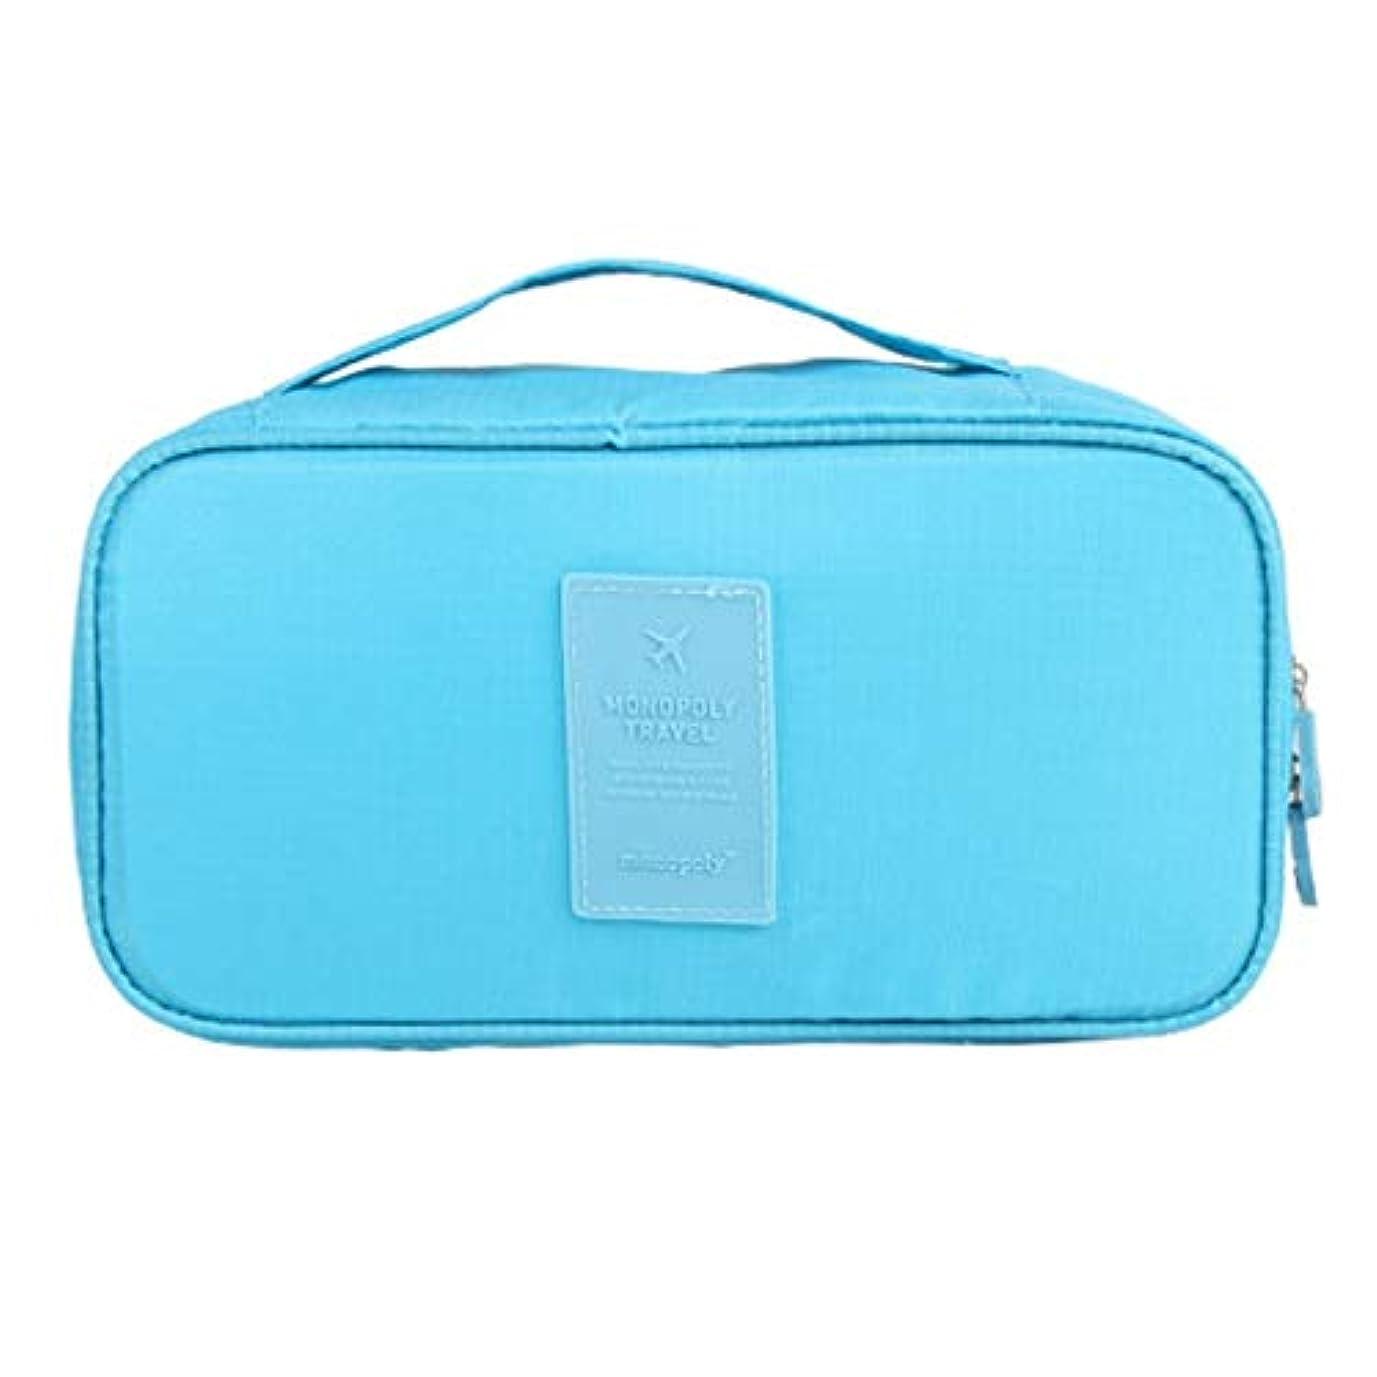 事カウンターパート受益者化粧オーガナイザーバッグ 旅行用品旅行用シェービングヘアバッグ 化粧品ケース (色 : 青)